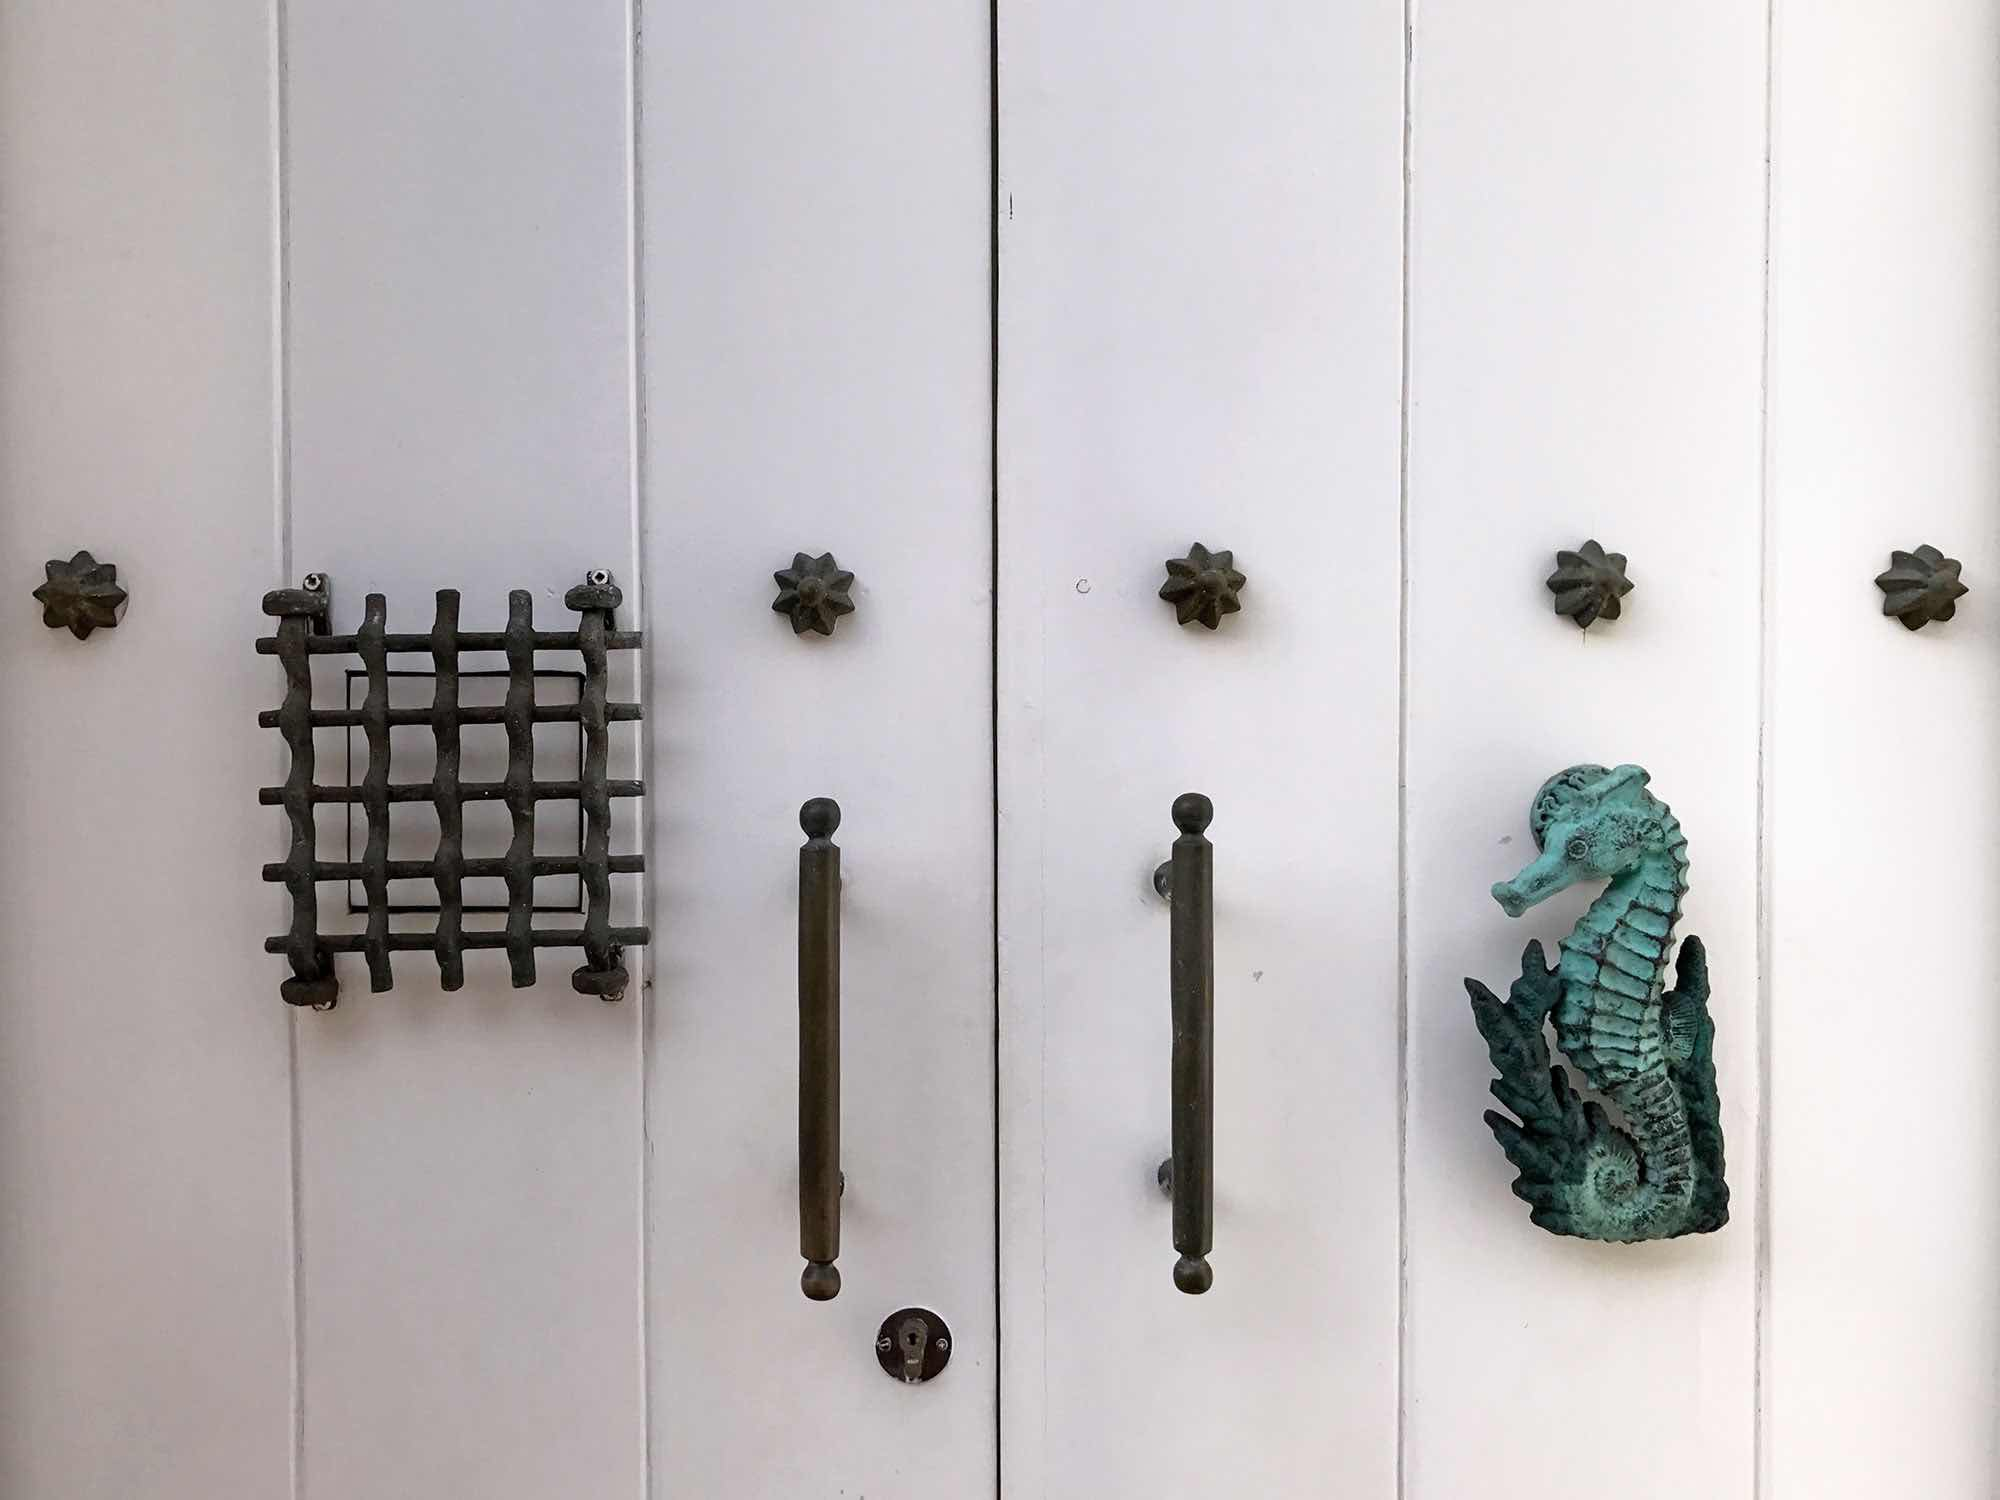 a Seahorse Door knocker in Cartagena, Colombia. also known as an aldaba